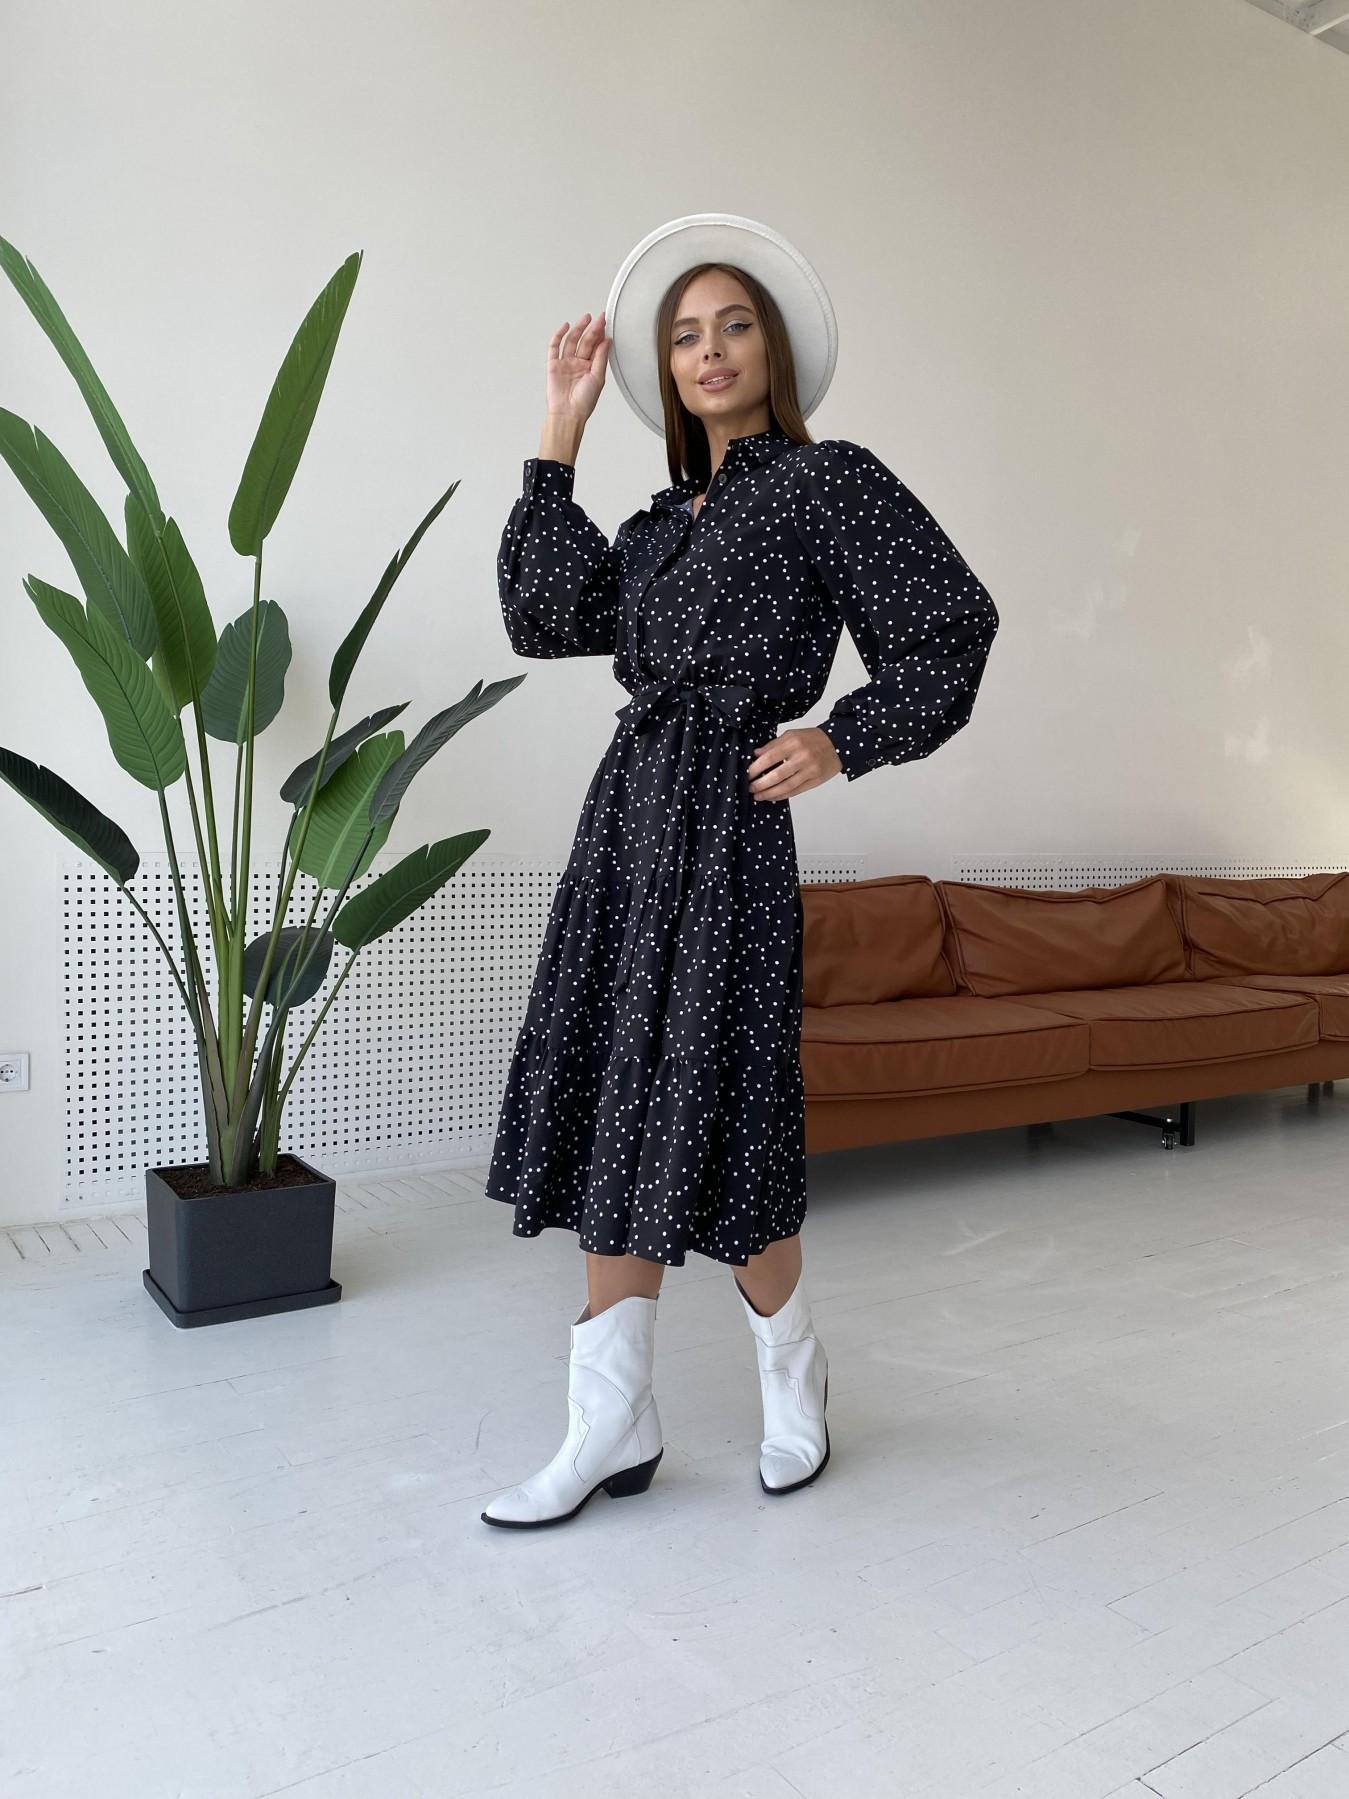 Лилия д/р софт принт стрейч платье 11708 АРТ. 48409 Цвет: Черный/Молоко/ГорохМел - фото 2, интернет магазин tm-modus.ru